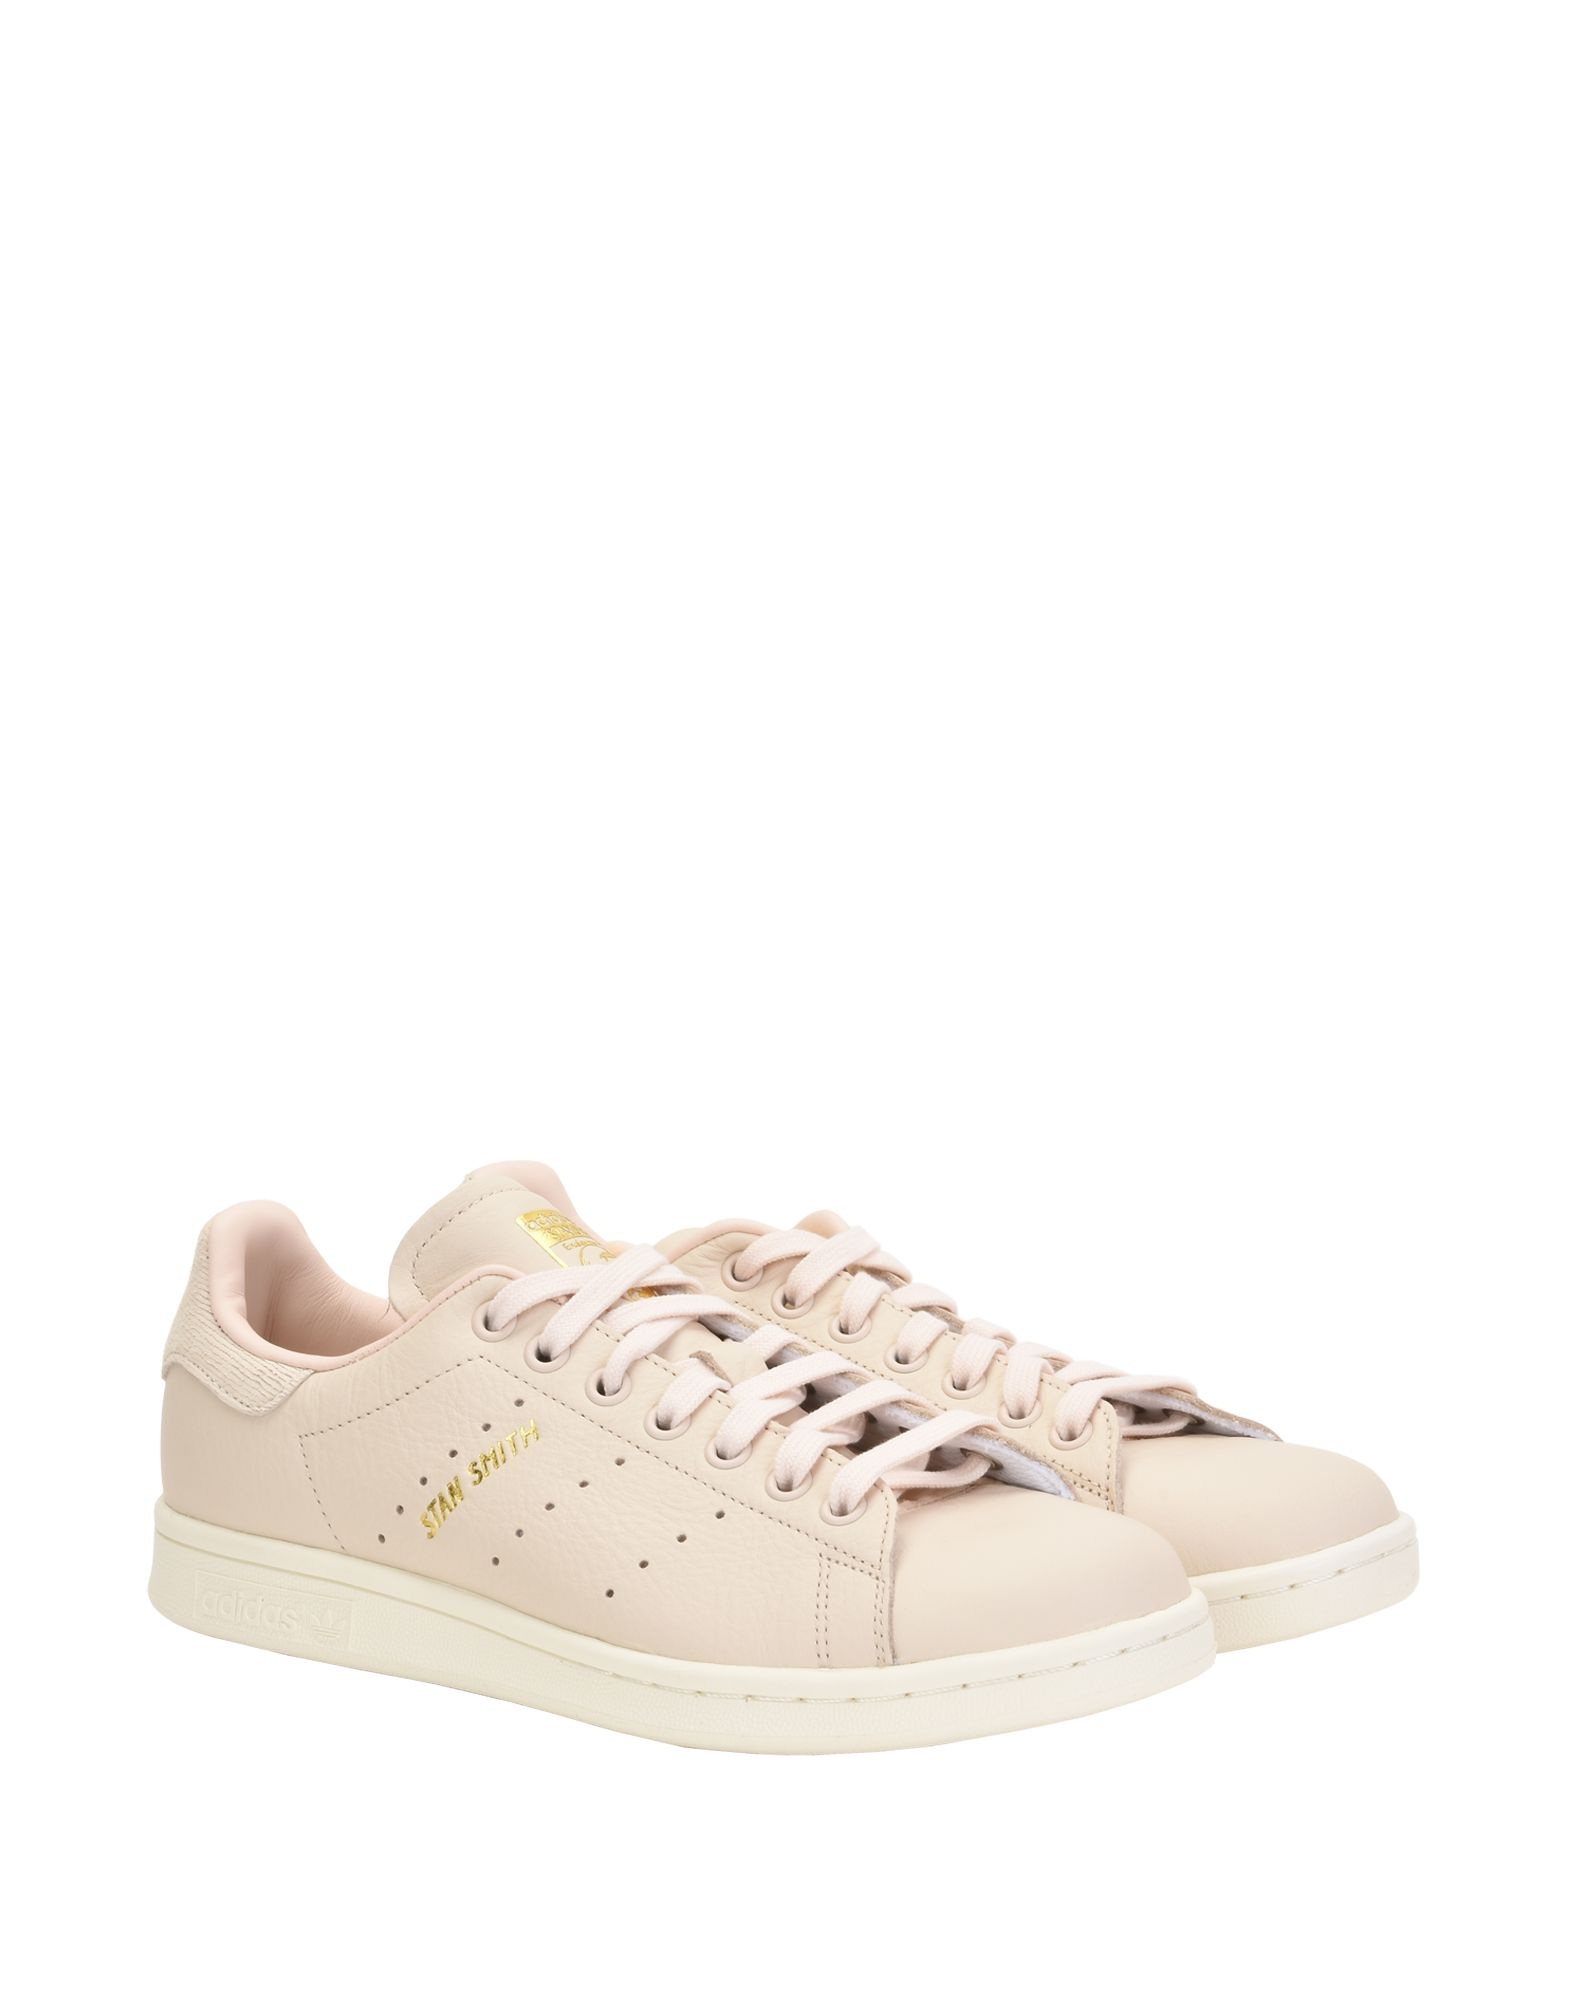 Adidas 11333698UO Originals Stan Smith W  11333698UO Adidas Gute Qualität beliebte Schuhe 7b1cba